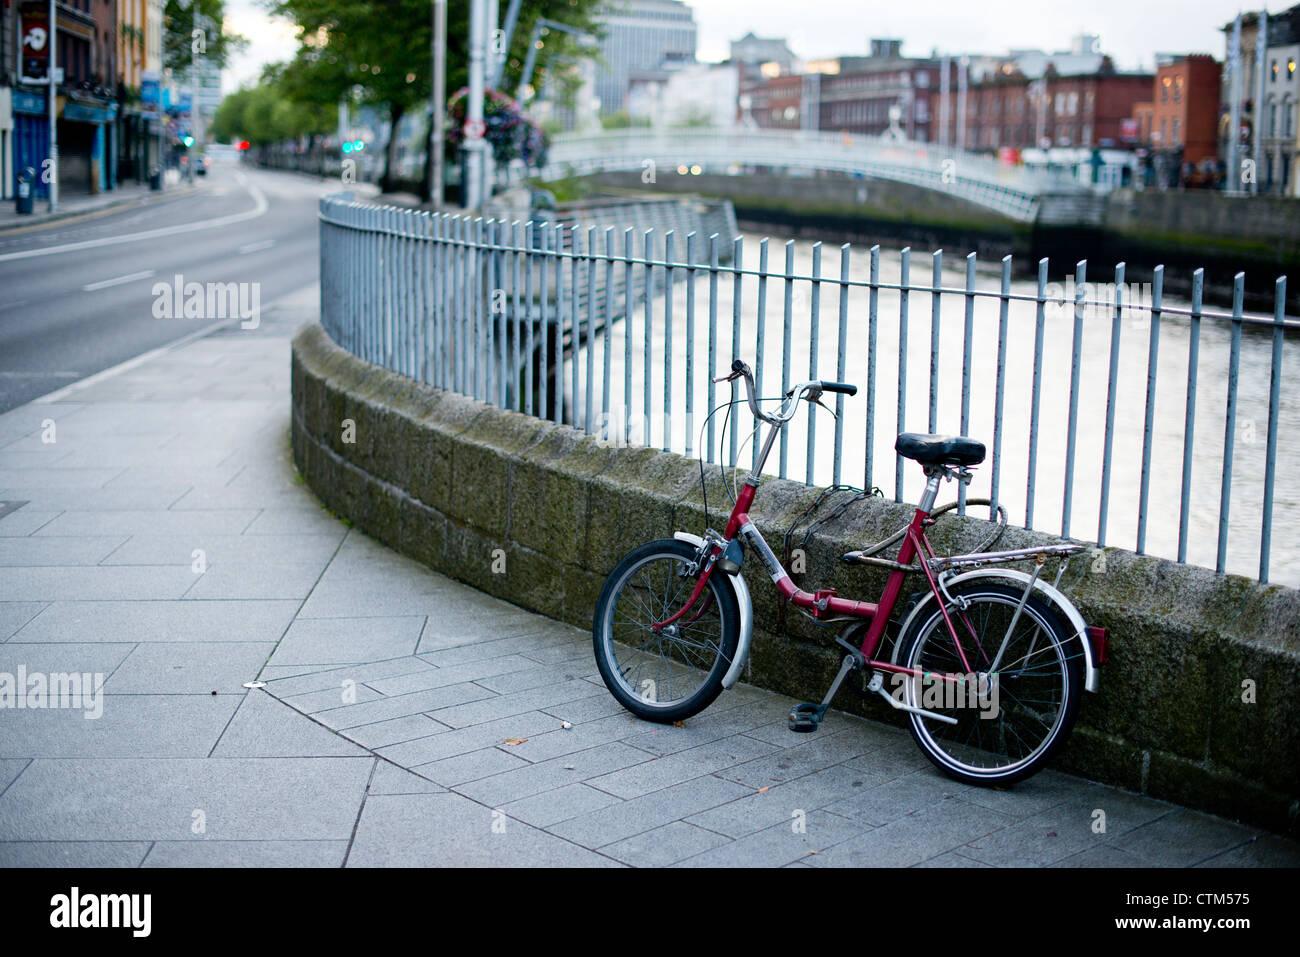 A bicycle on the Millennium Bridge / Wellington Quay, Dublin, Co. Dublin, Ireland - Stock Image